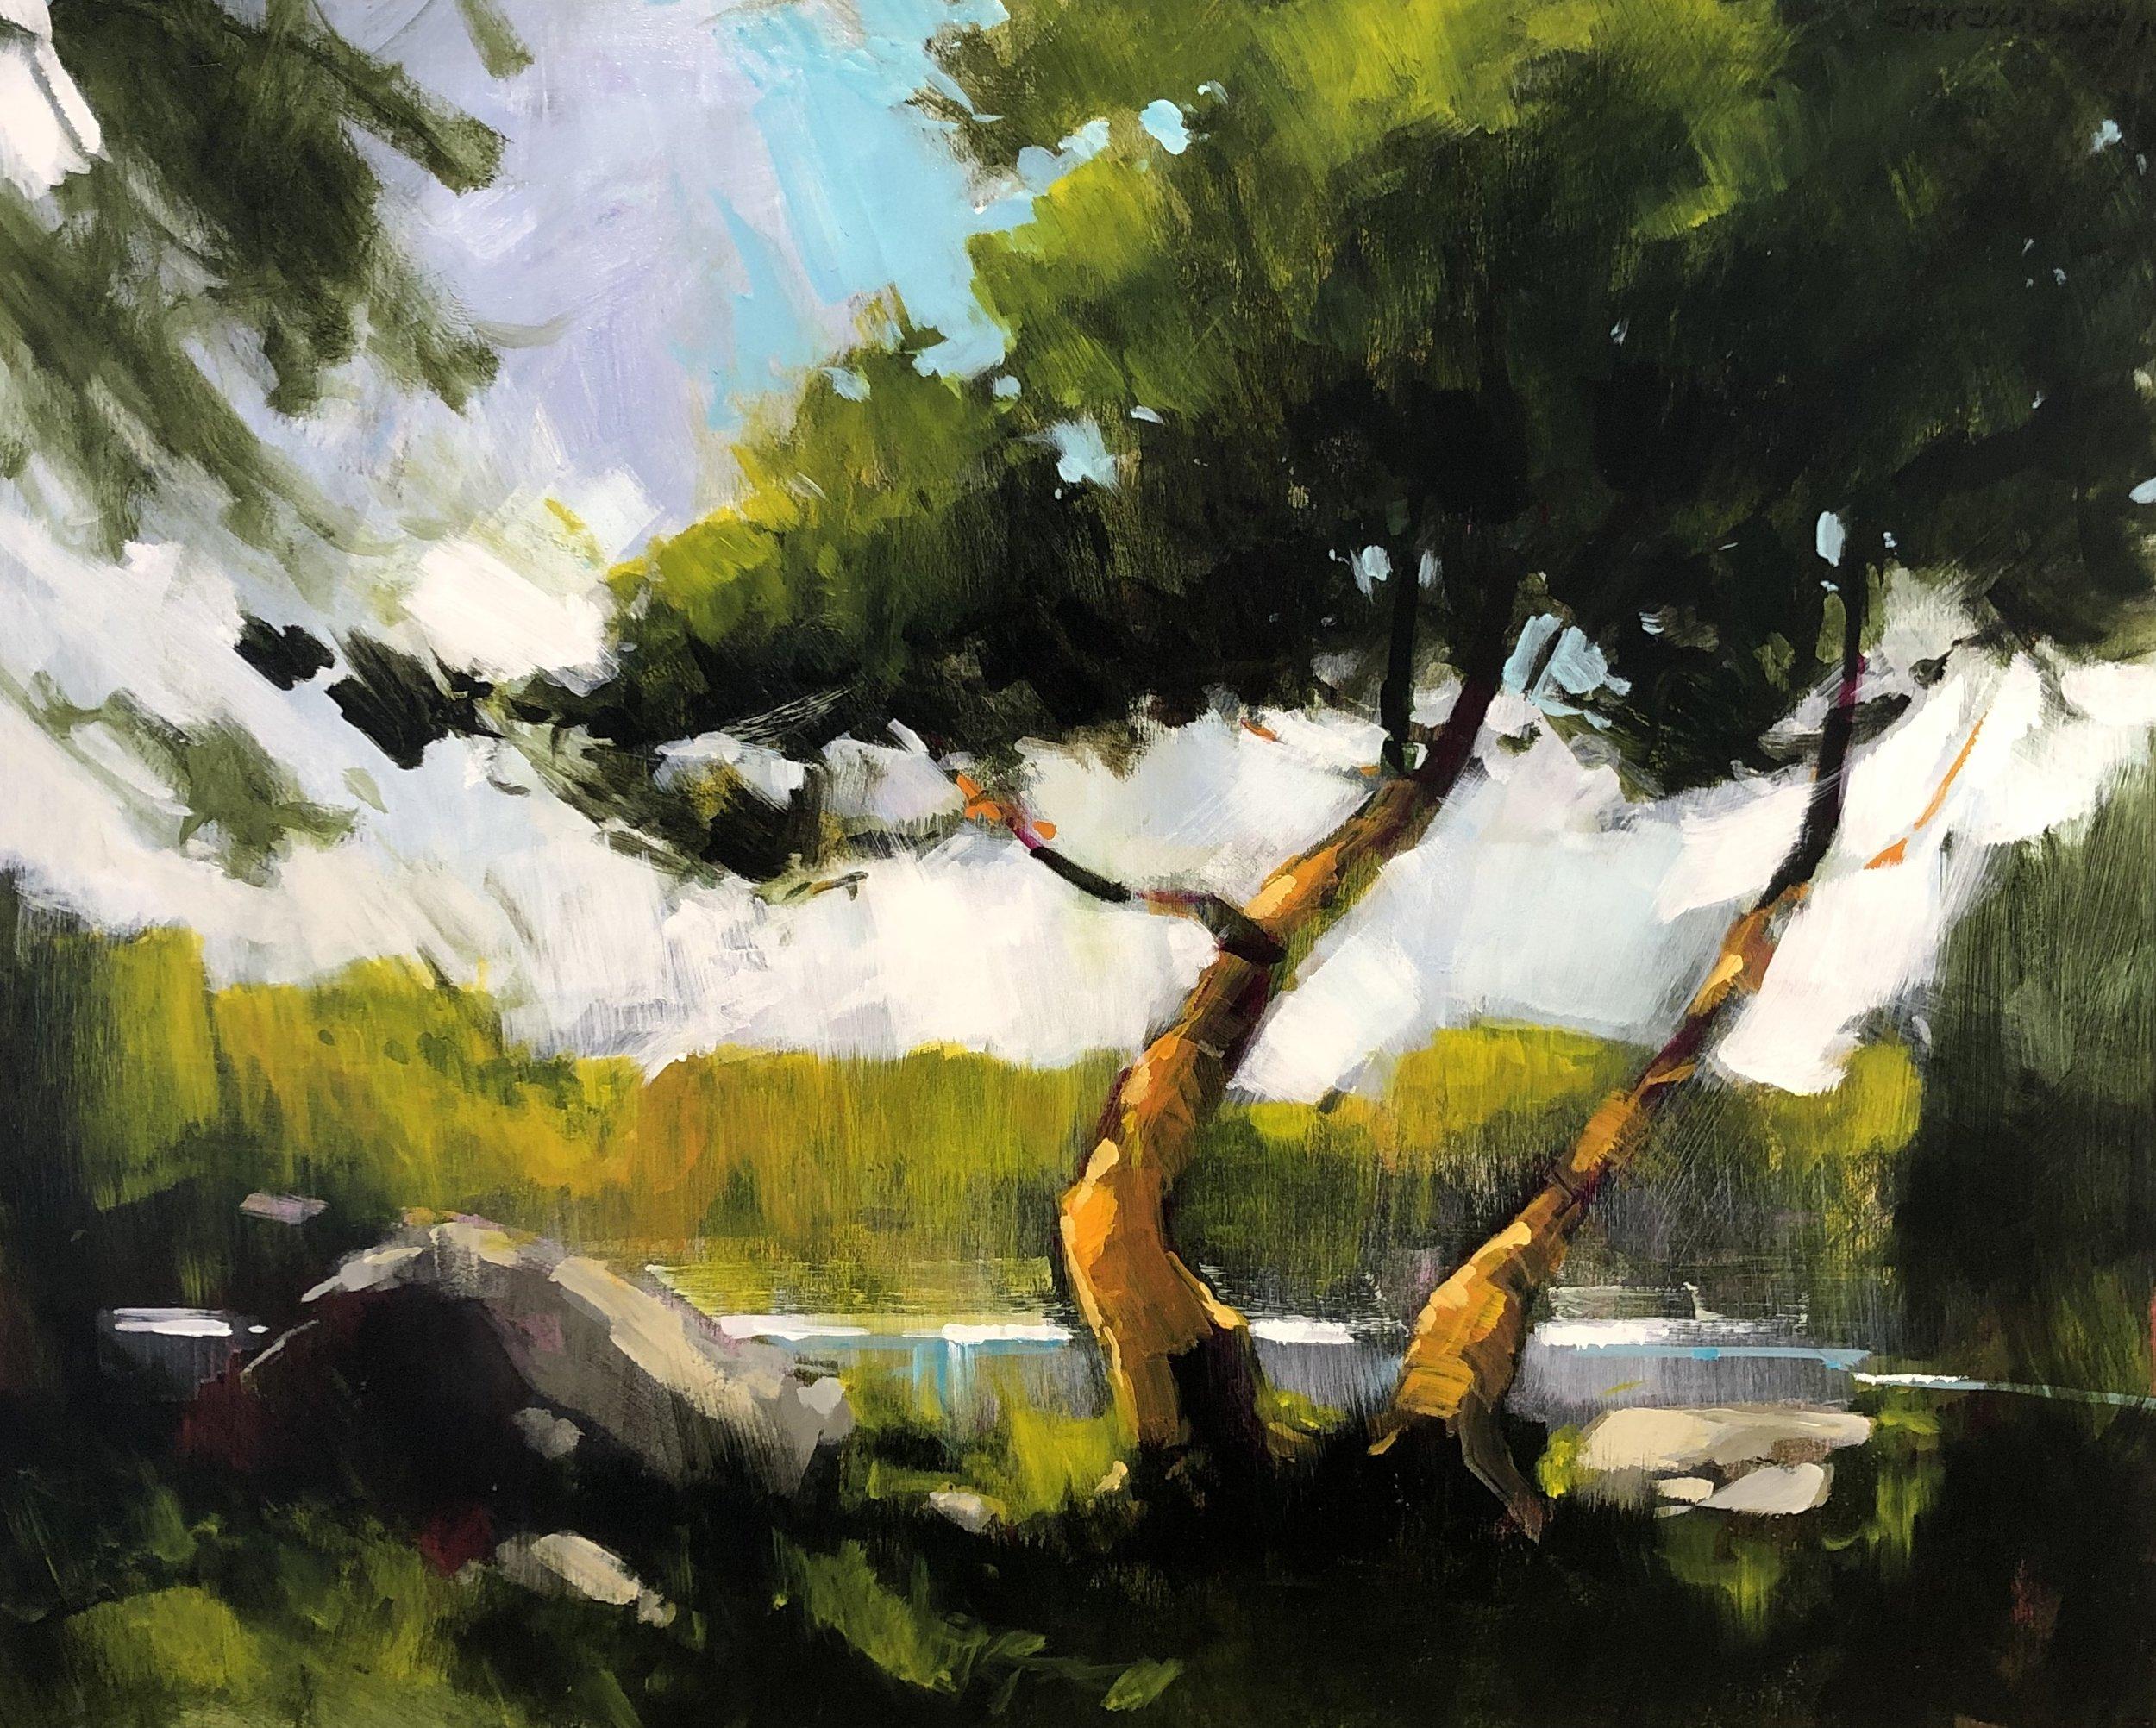 Tree on the Water Edge by Jamie Jardine